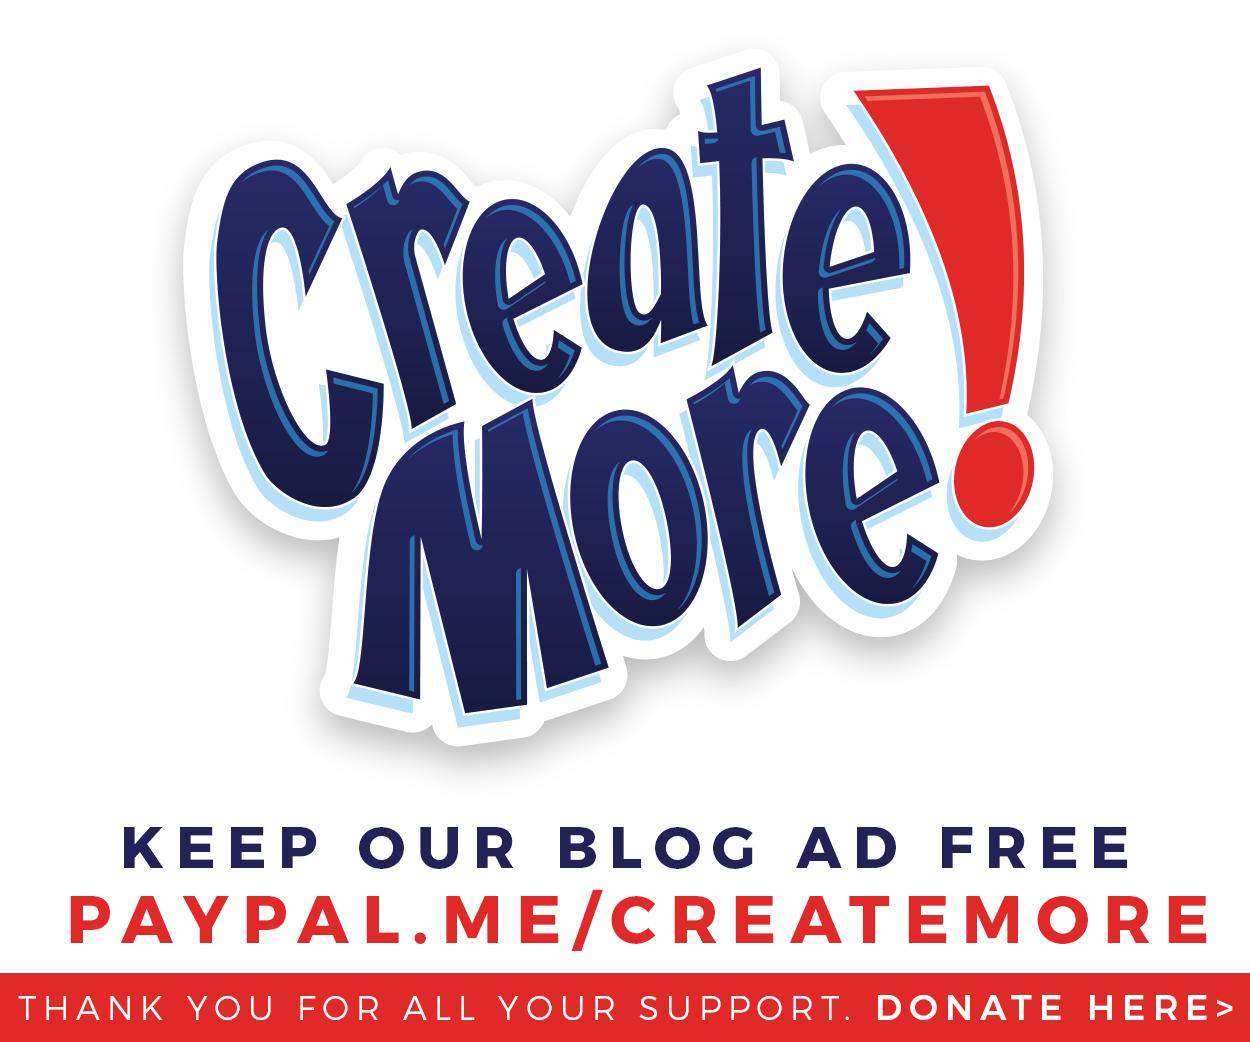 Donate at paypal.me/createmore